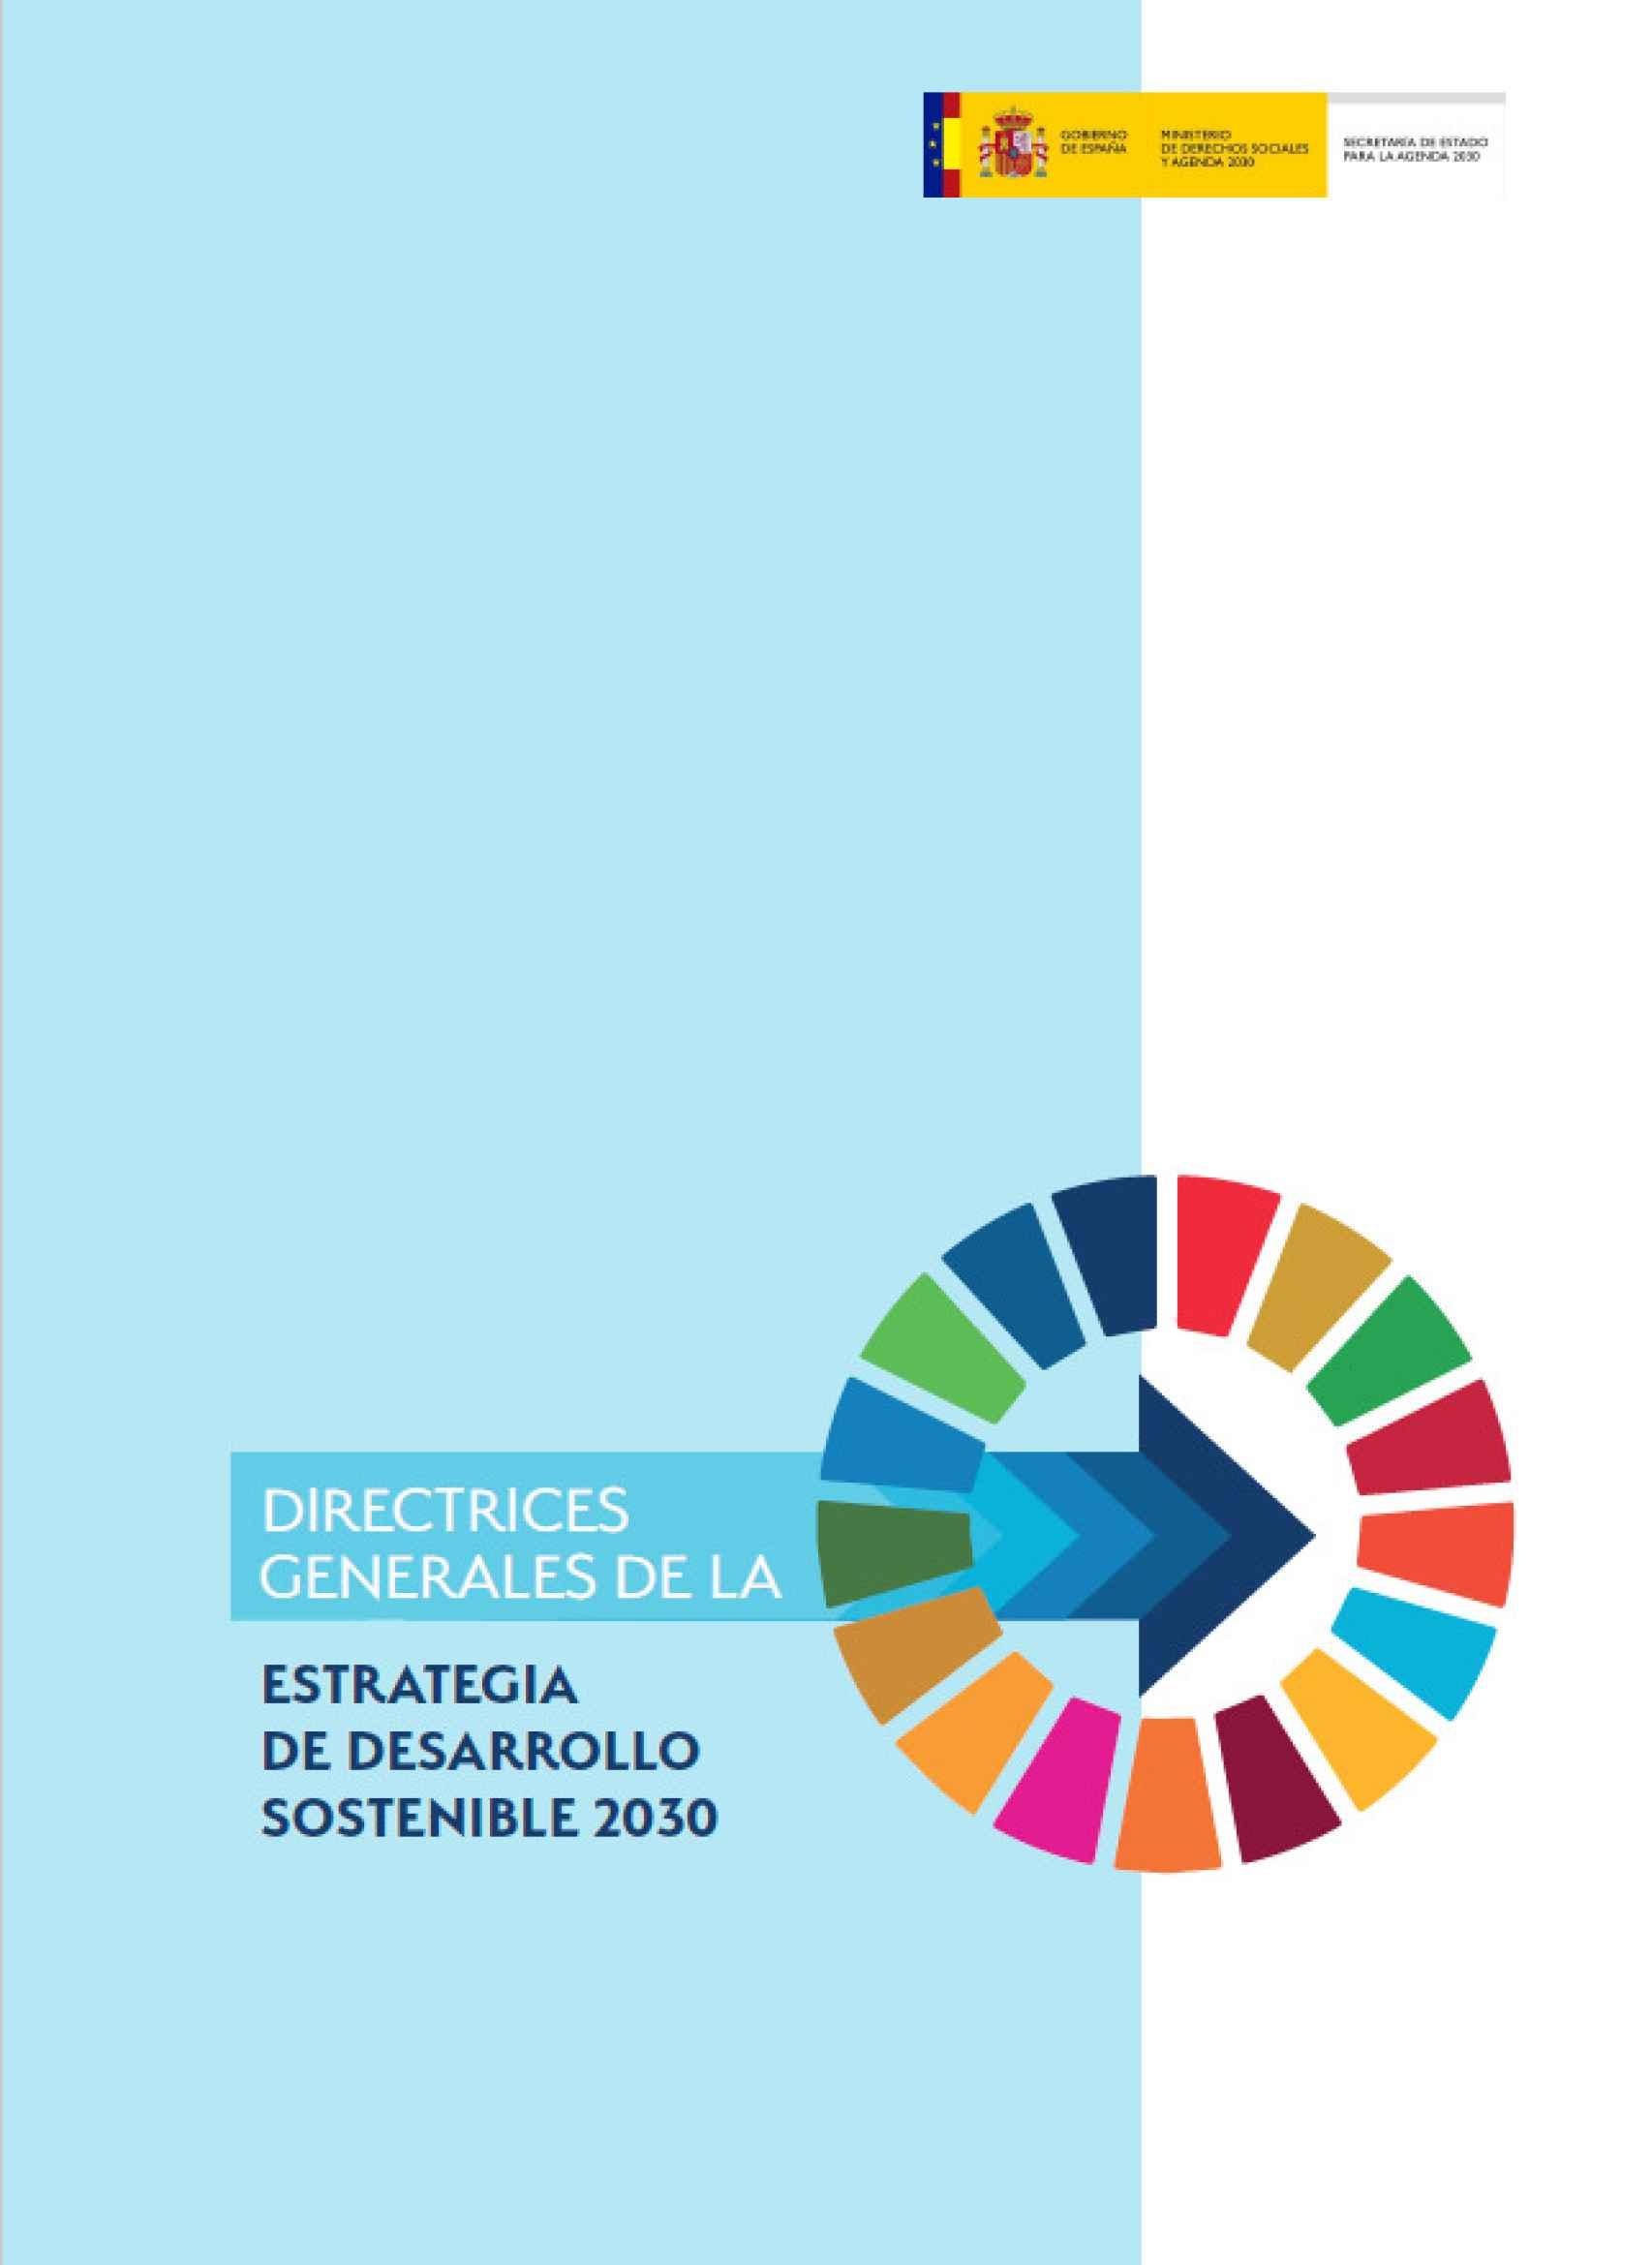 Directrices Estrategia Desarrollo Sostenible 2030